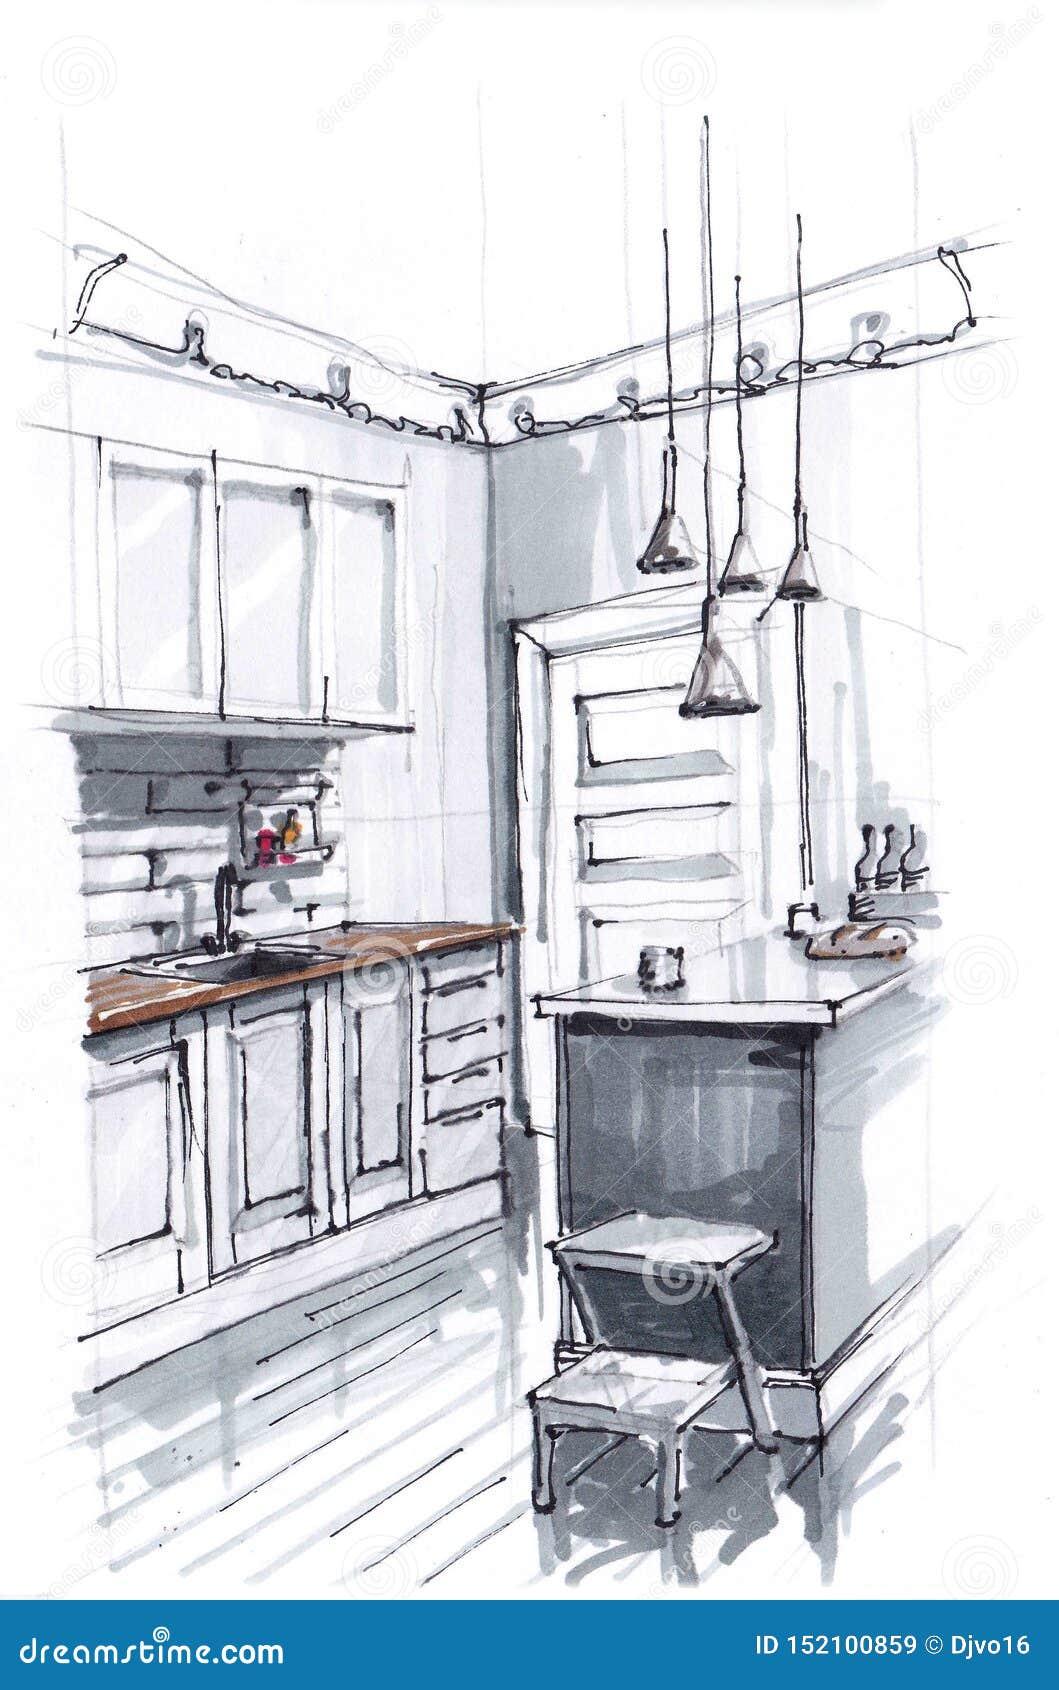 一个舒适厨房的内部的剪影温暖的明亮的颜色的 烹调区域和饭桌 顶楼式 ??